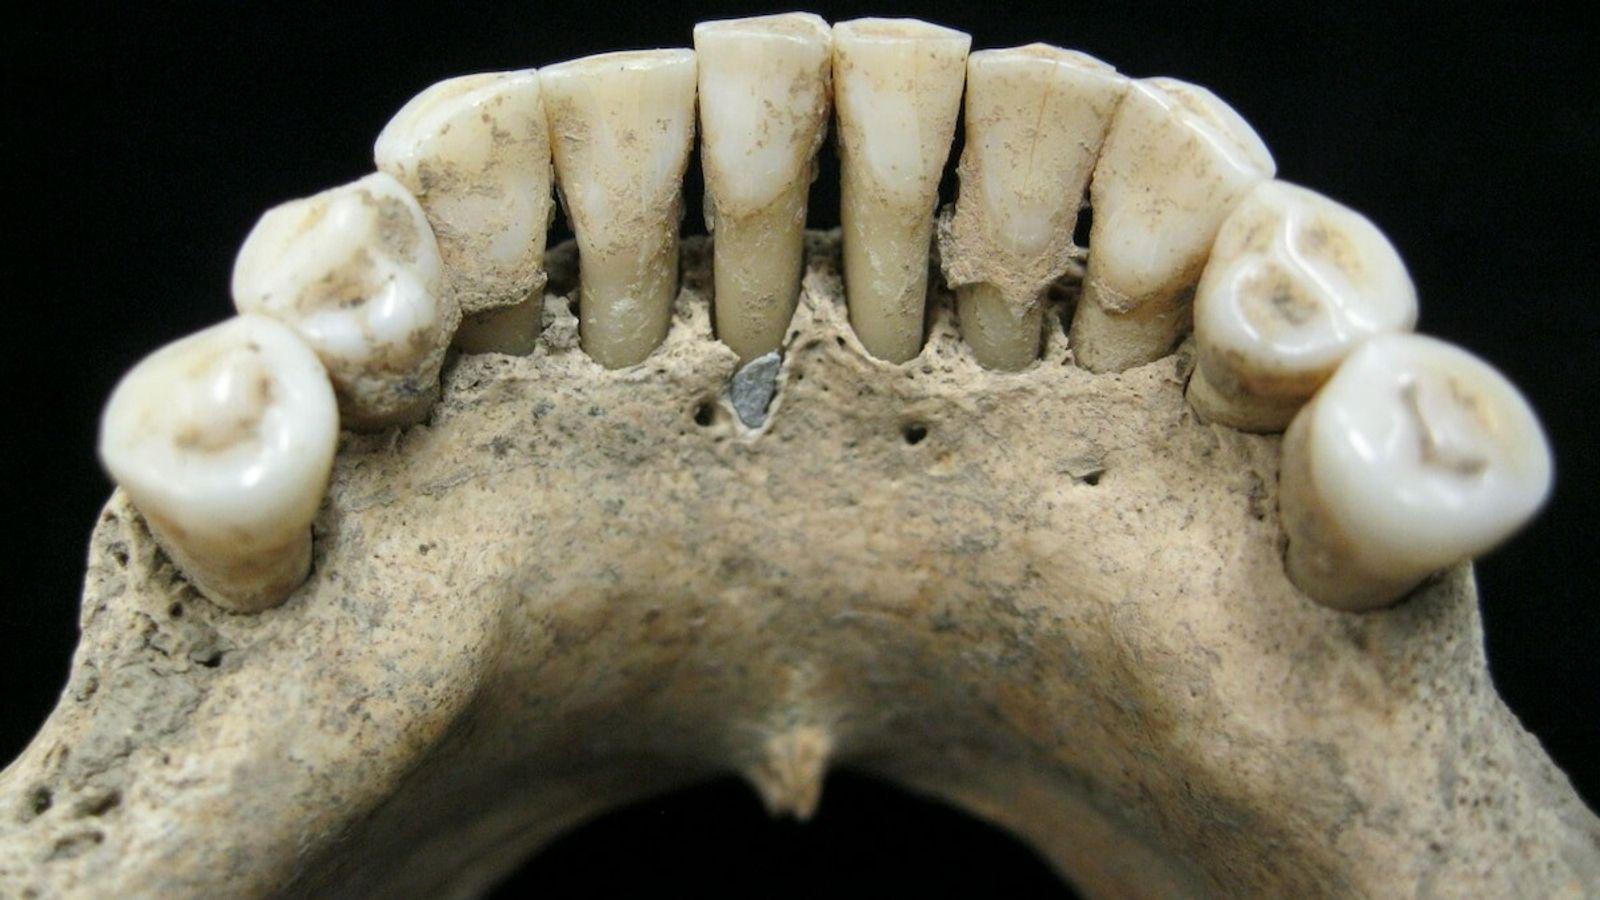 In dem fossilen Zahnbelag einer Frau aus dem Mittelalter wurden Spuren des kostbaren Edelsteins Lapislazuli entdeckt.